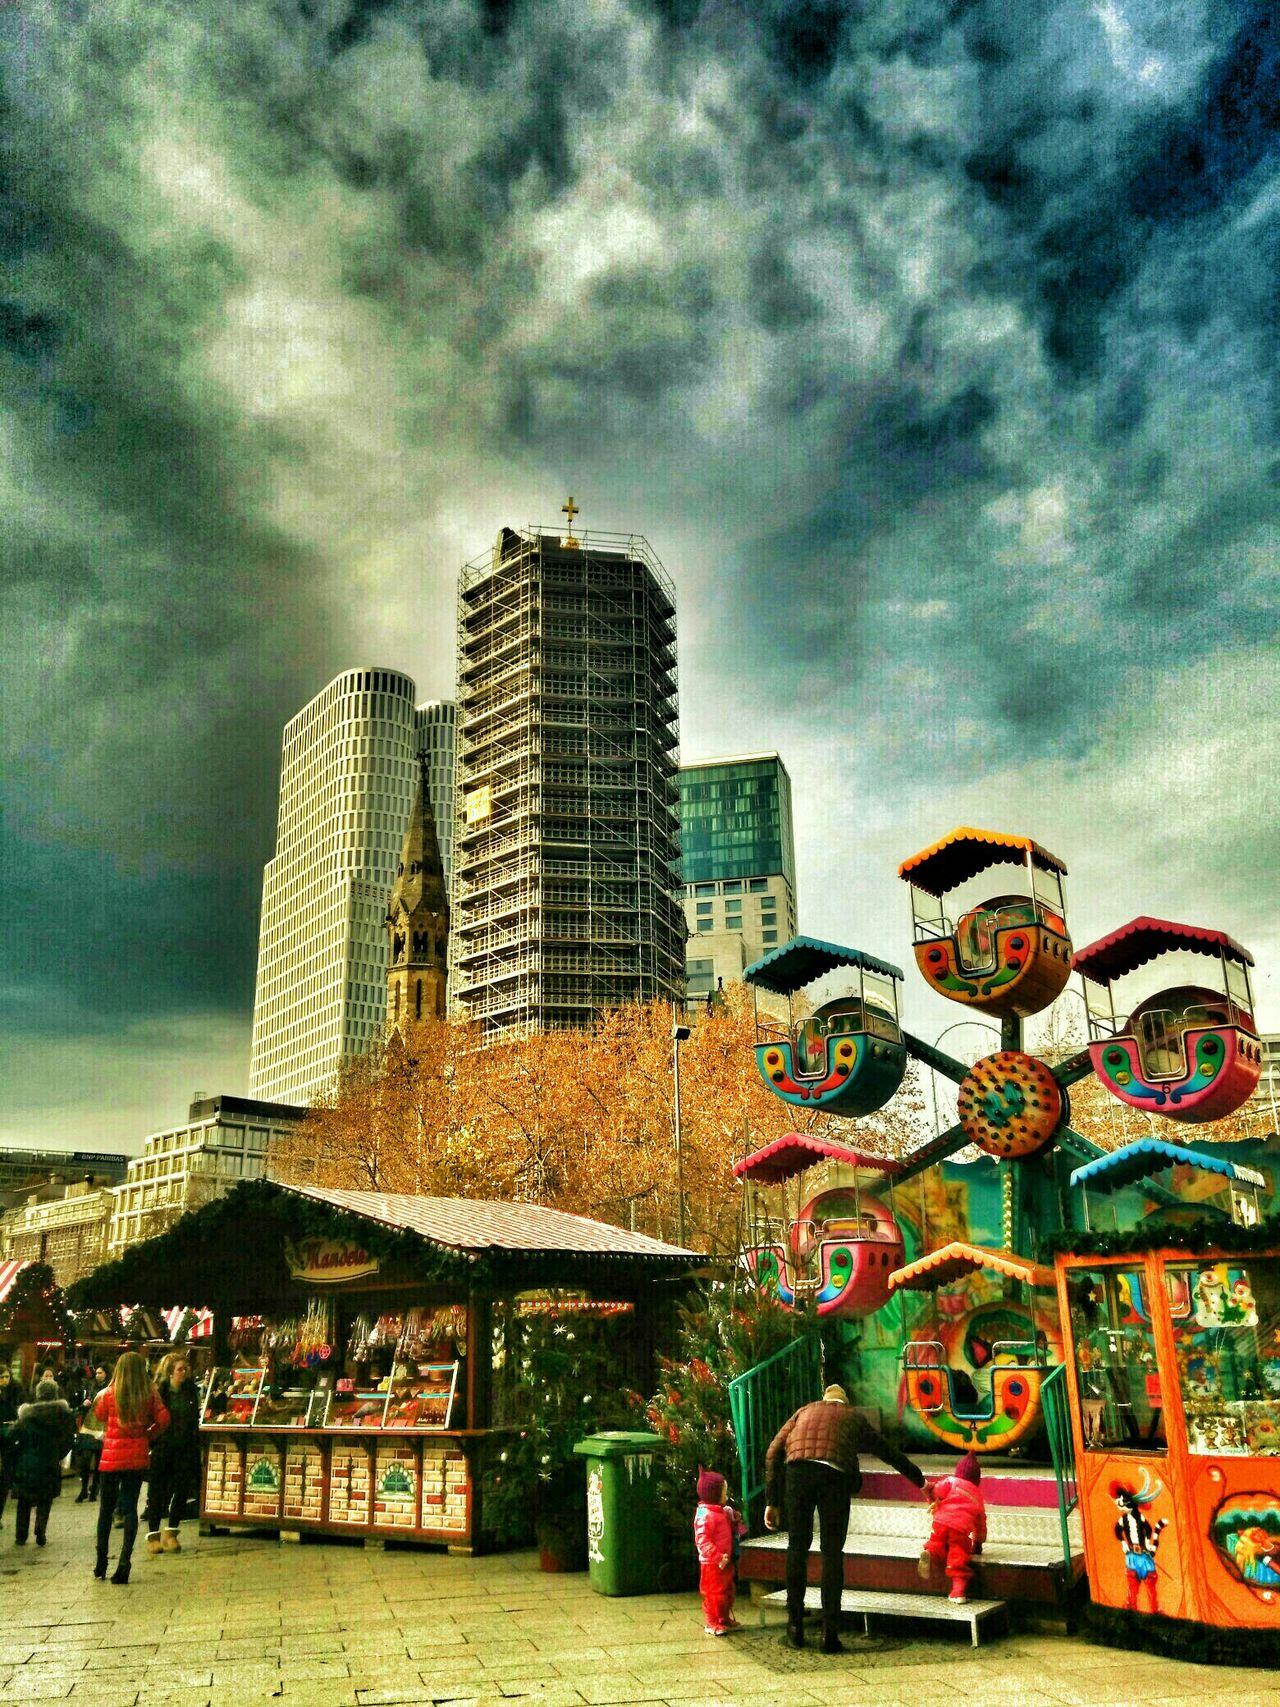 Berlin Zoologischer Garten Berlin Zoofenster Cloud - Sky Skyscrapers Sunlight Skyline Christmasmarket Christmas Market Waldorf Astoria